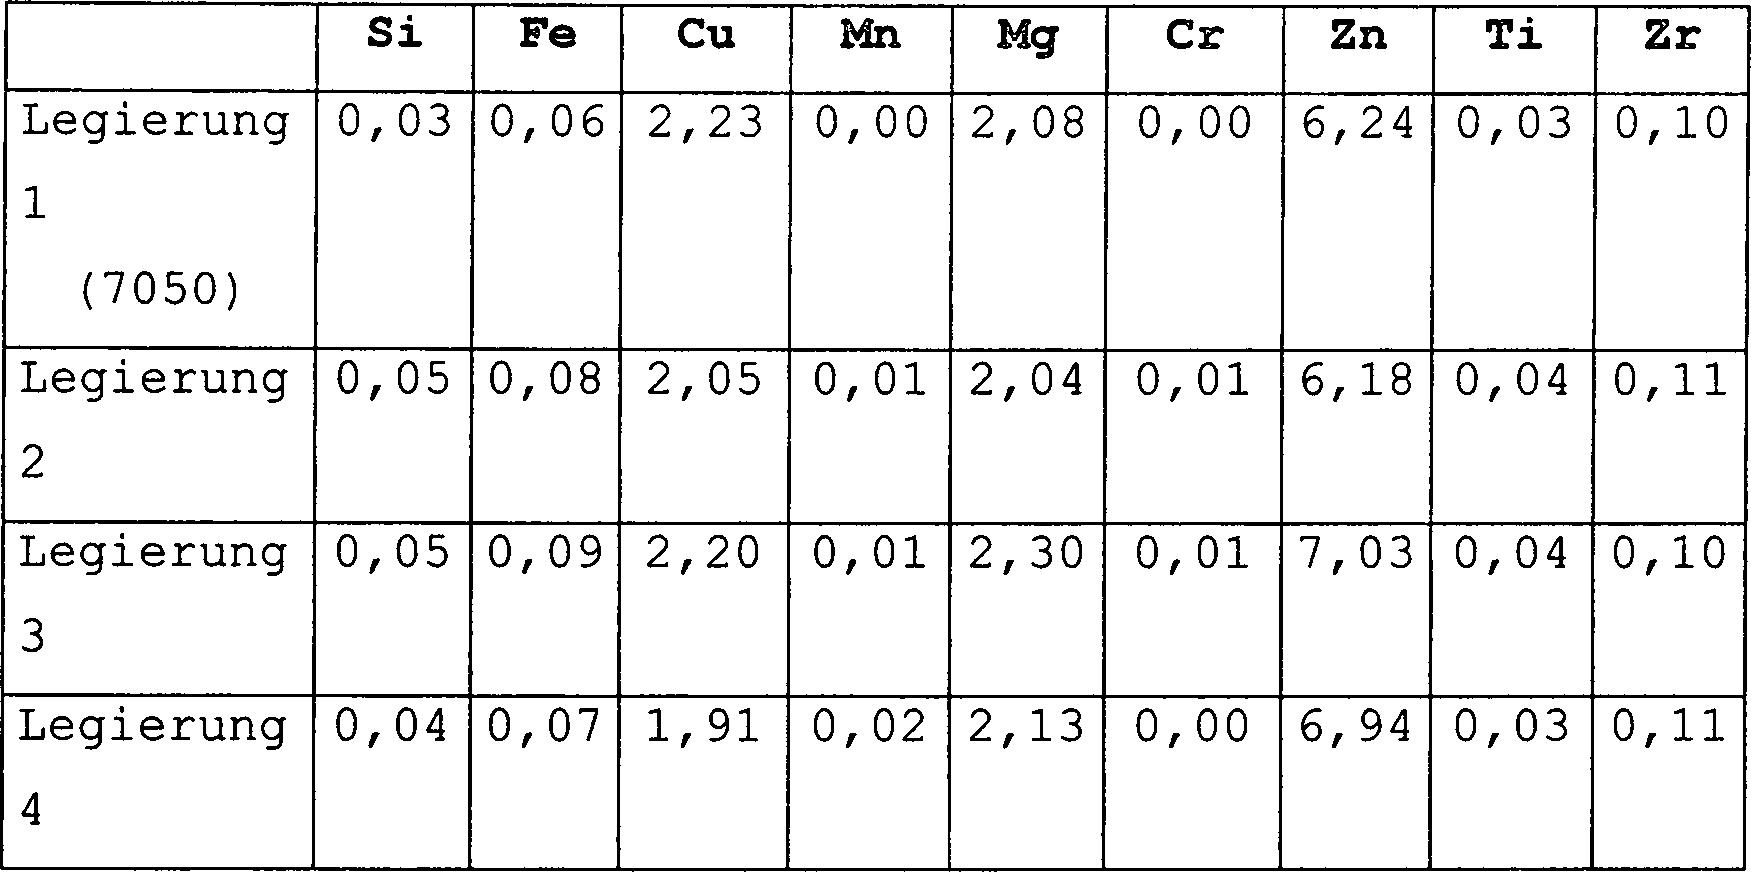 die chemische zusammensetzung von dnnen plattenlegierungen in gew rest aluminium und unvermeidbare verunreinigungen legierungen 1 bis 4 mit 002 - Legierung Beispiele